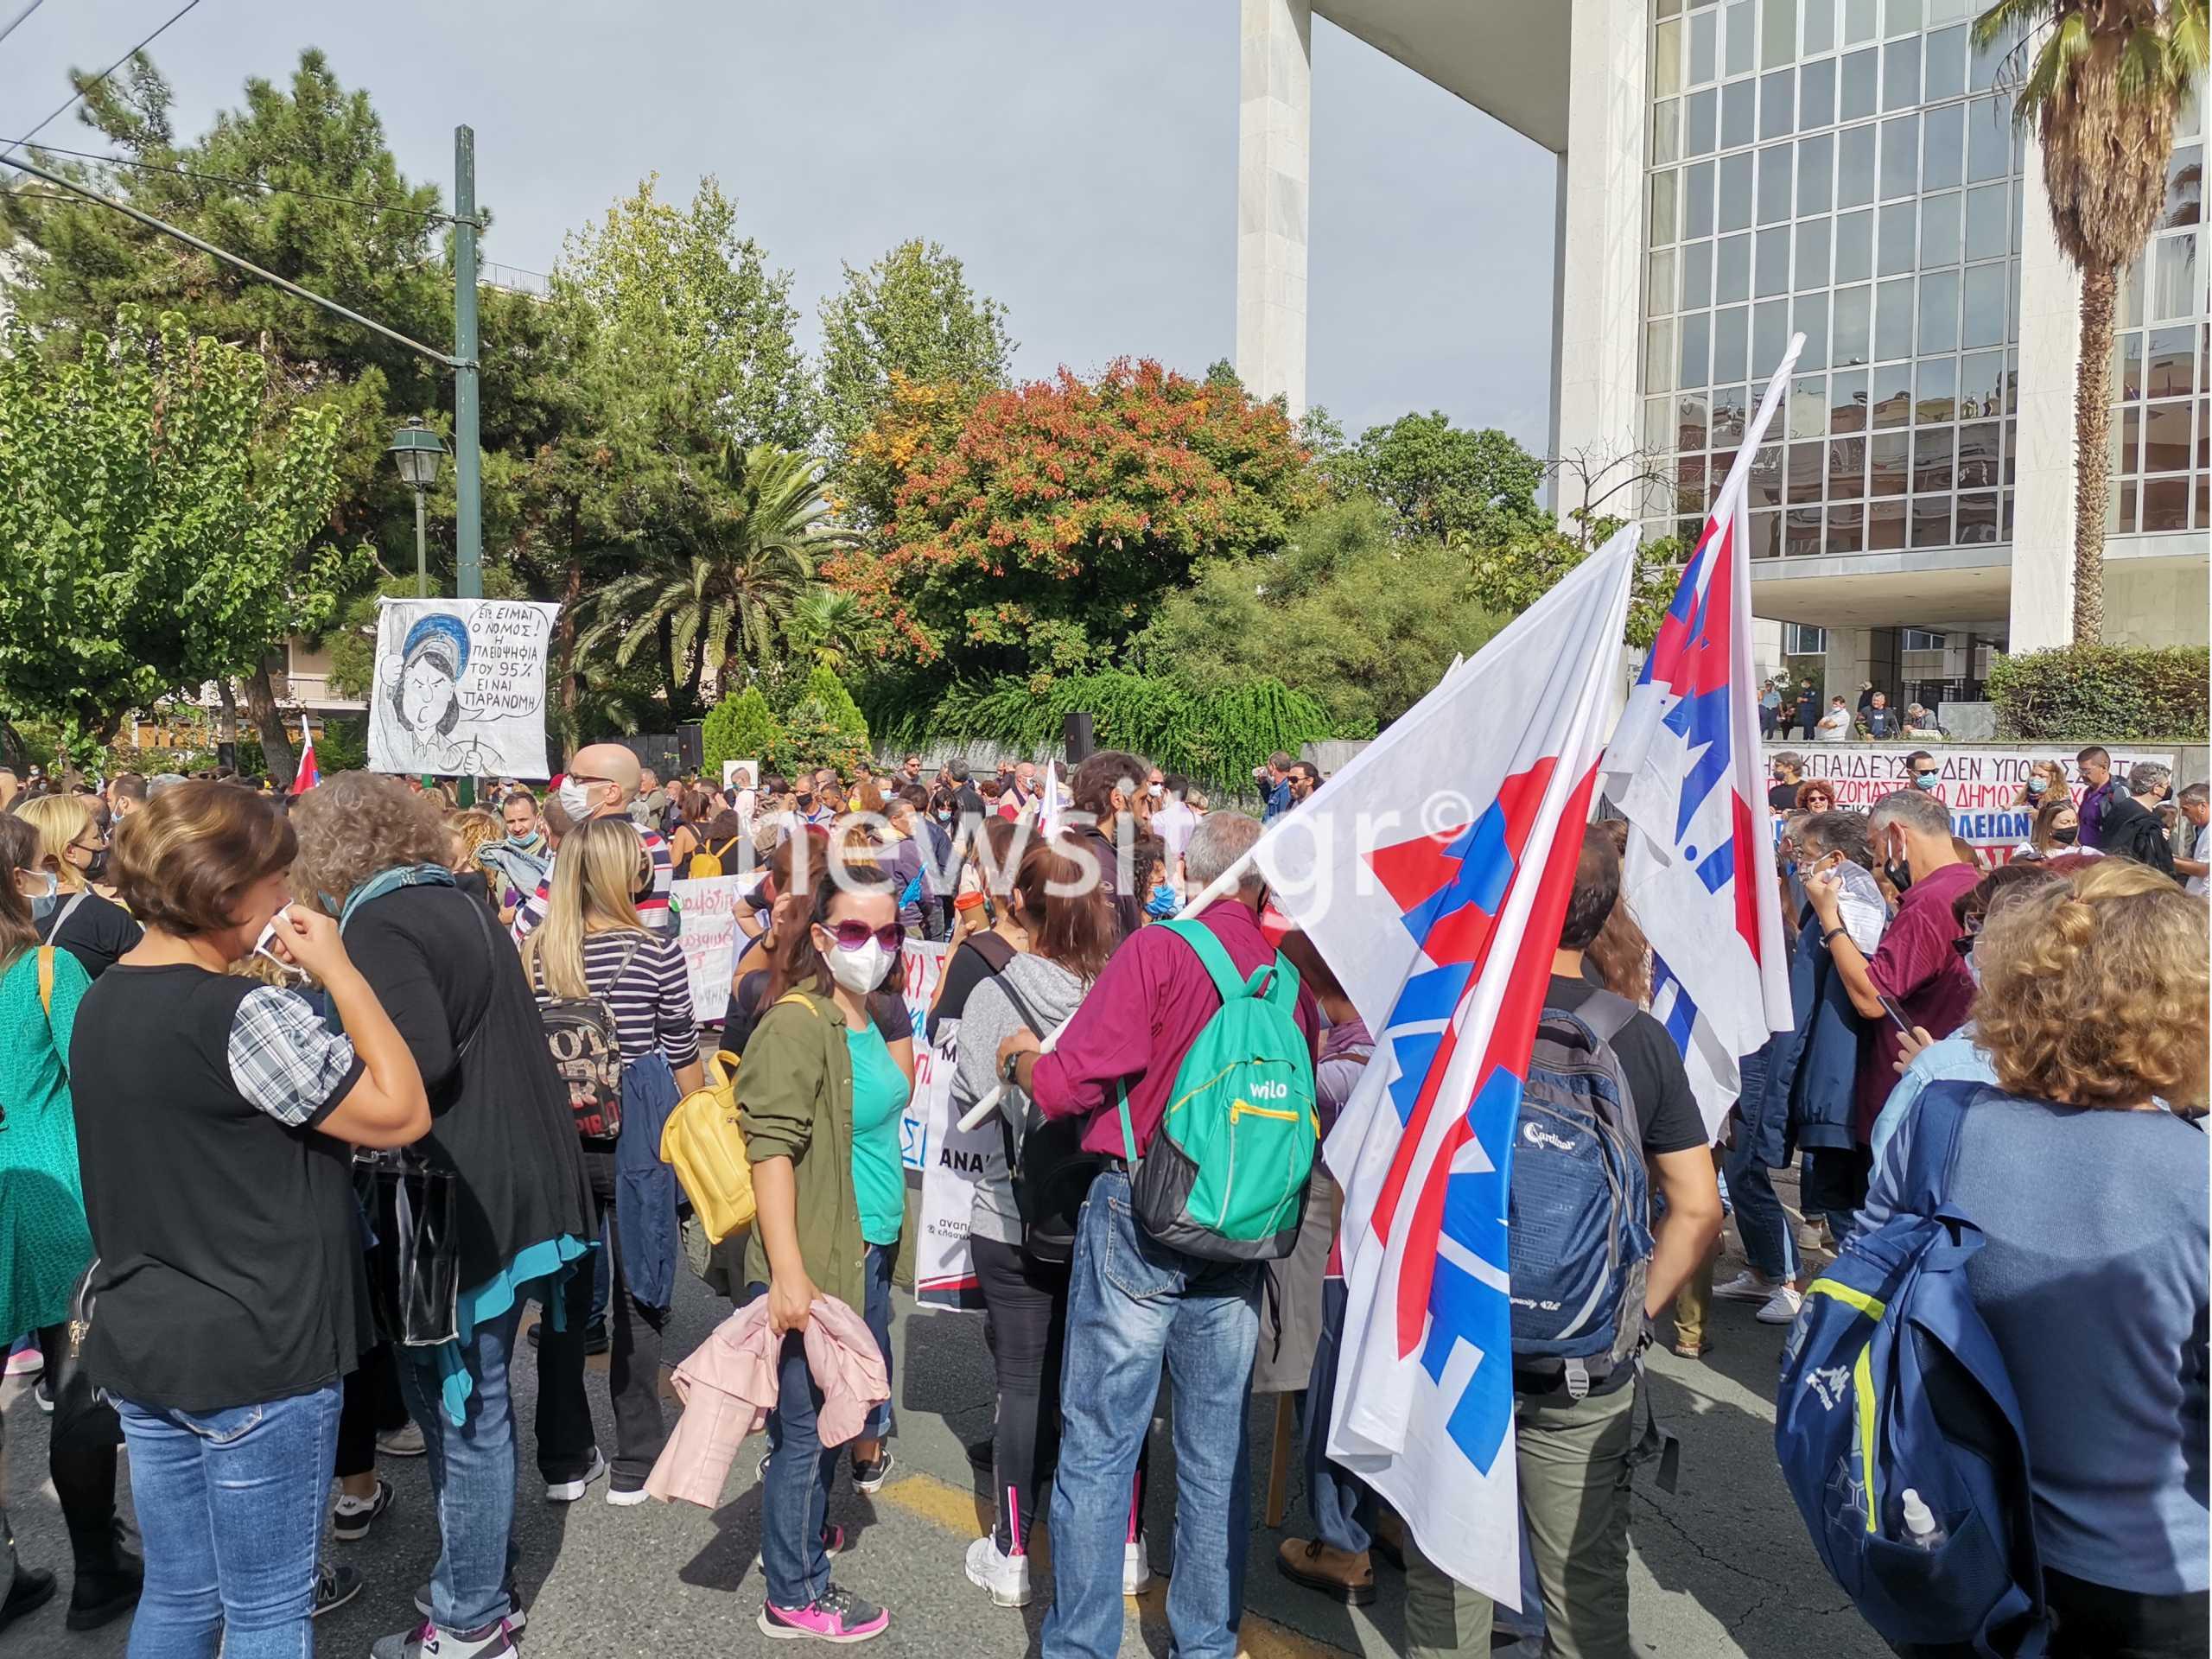 Απεργία εκπαιδευτικών: Συλλαλητήριο έξω από το Εφετείο – Κλειστοί δρόμοι στο κέντρο της Αθήνας